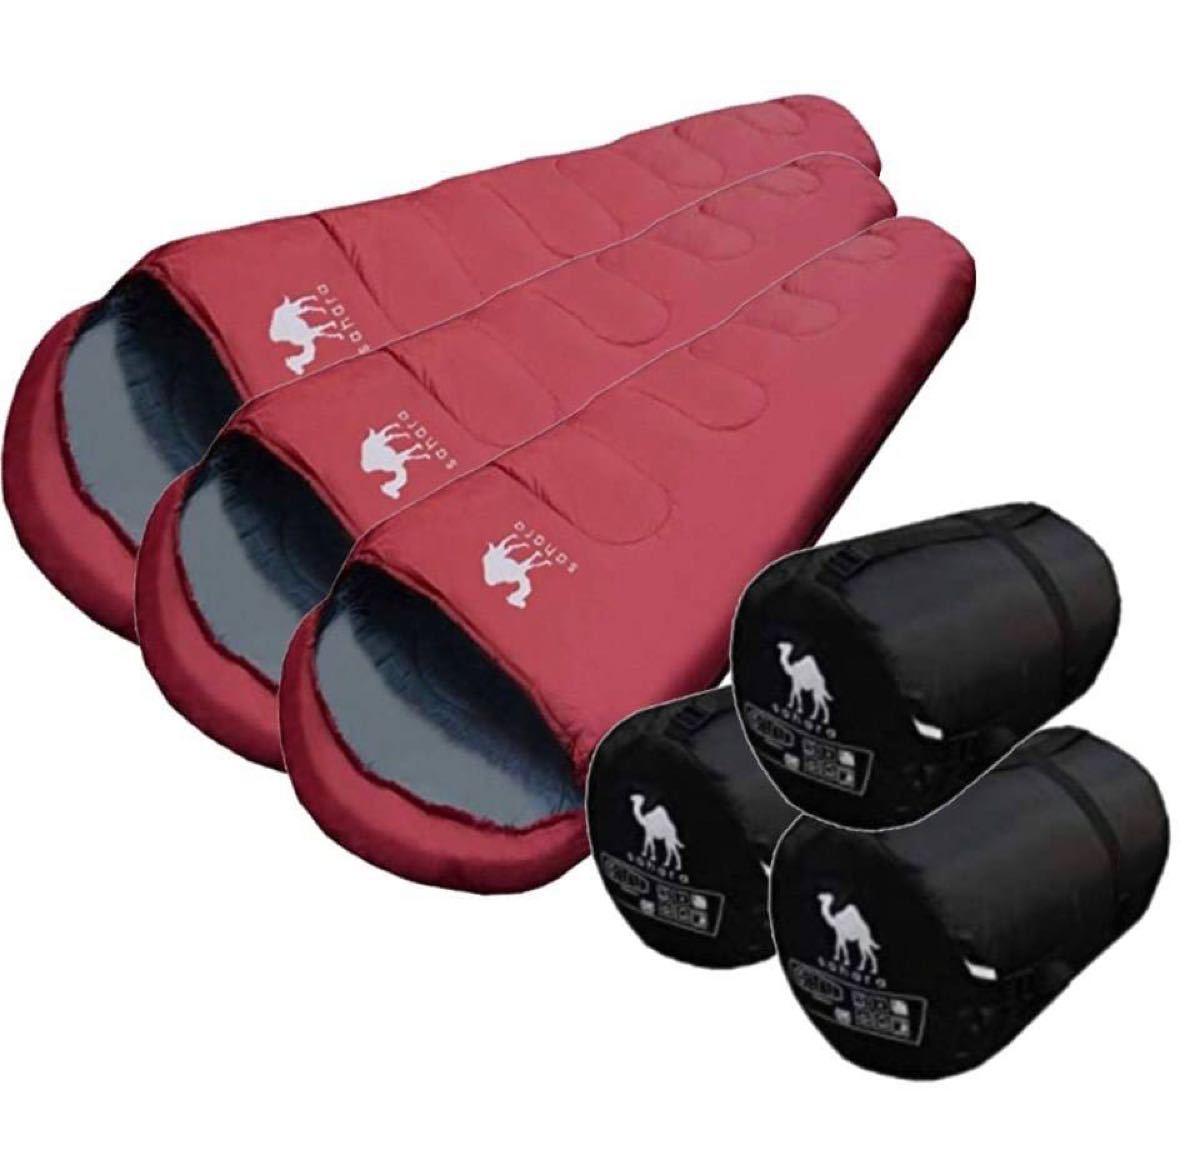 寝袋 シュラフ マミー型 コンパクト 抗菌タイプ 最低使用温度 -15℃ レッド